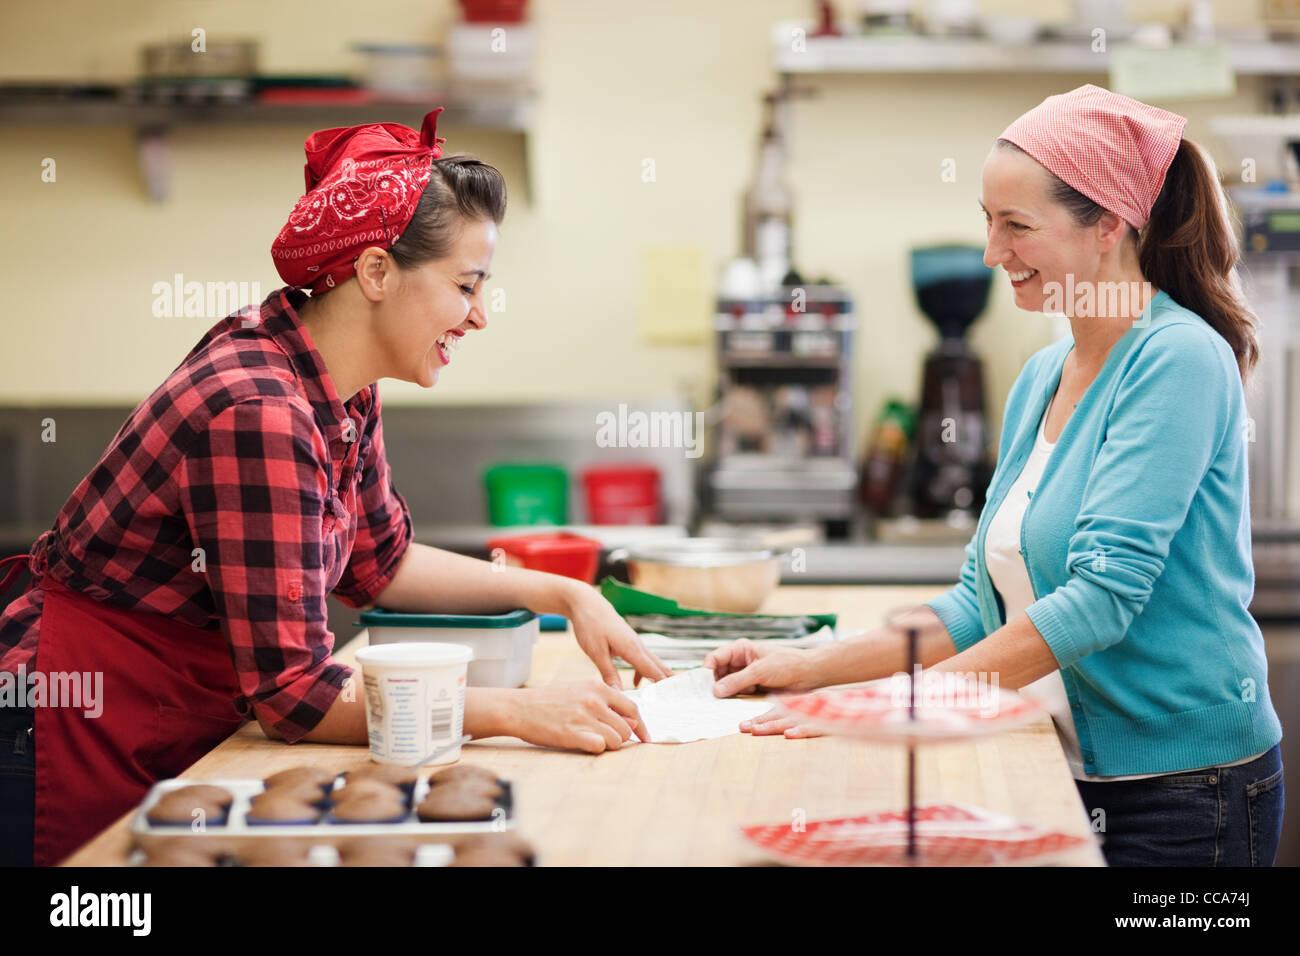 Les femmes qui travaillent ensemble dans une cuisine commerciale Photo Stock